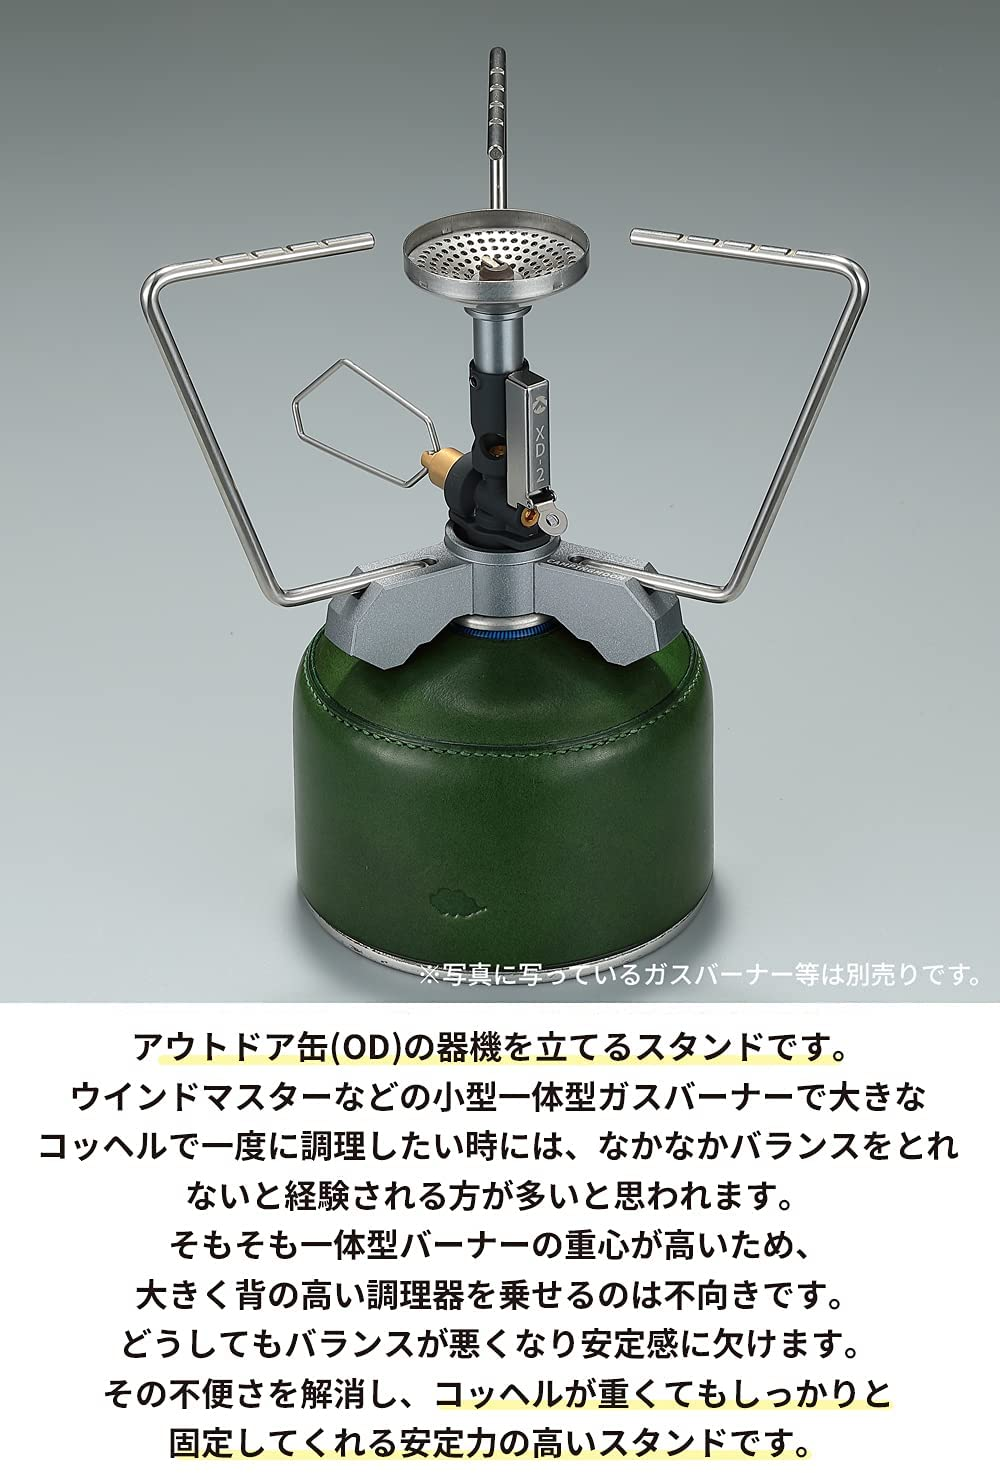 ロアーエクステンション 2段式 アッパーサポート(五徳)付き ガススタンド Z01